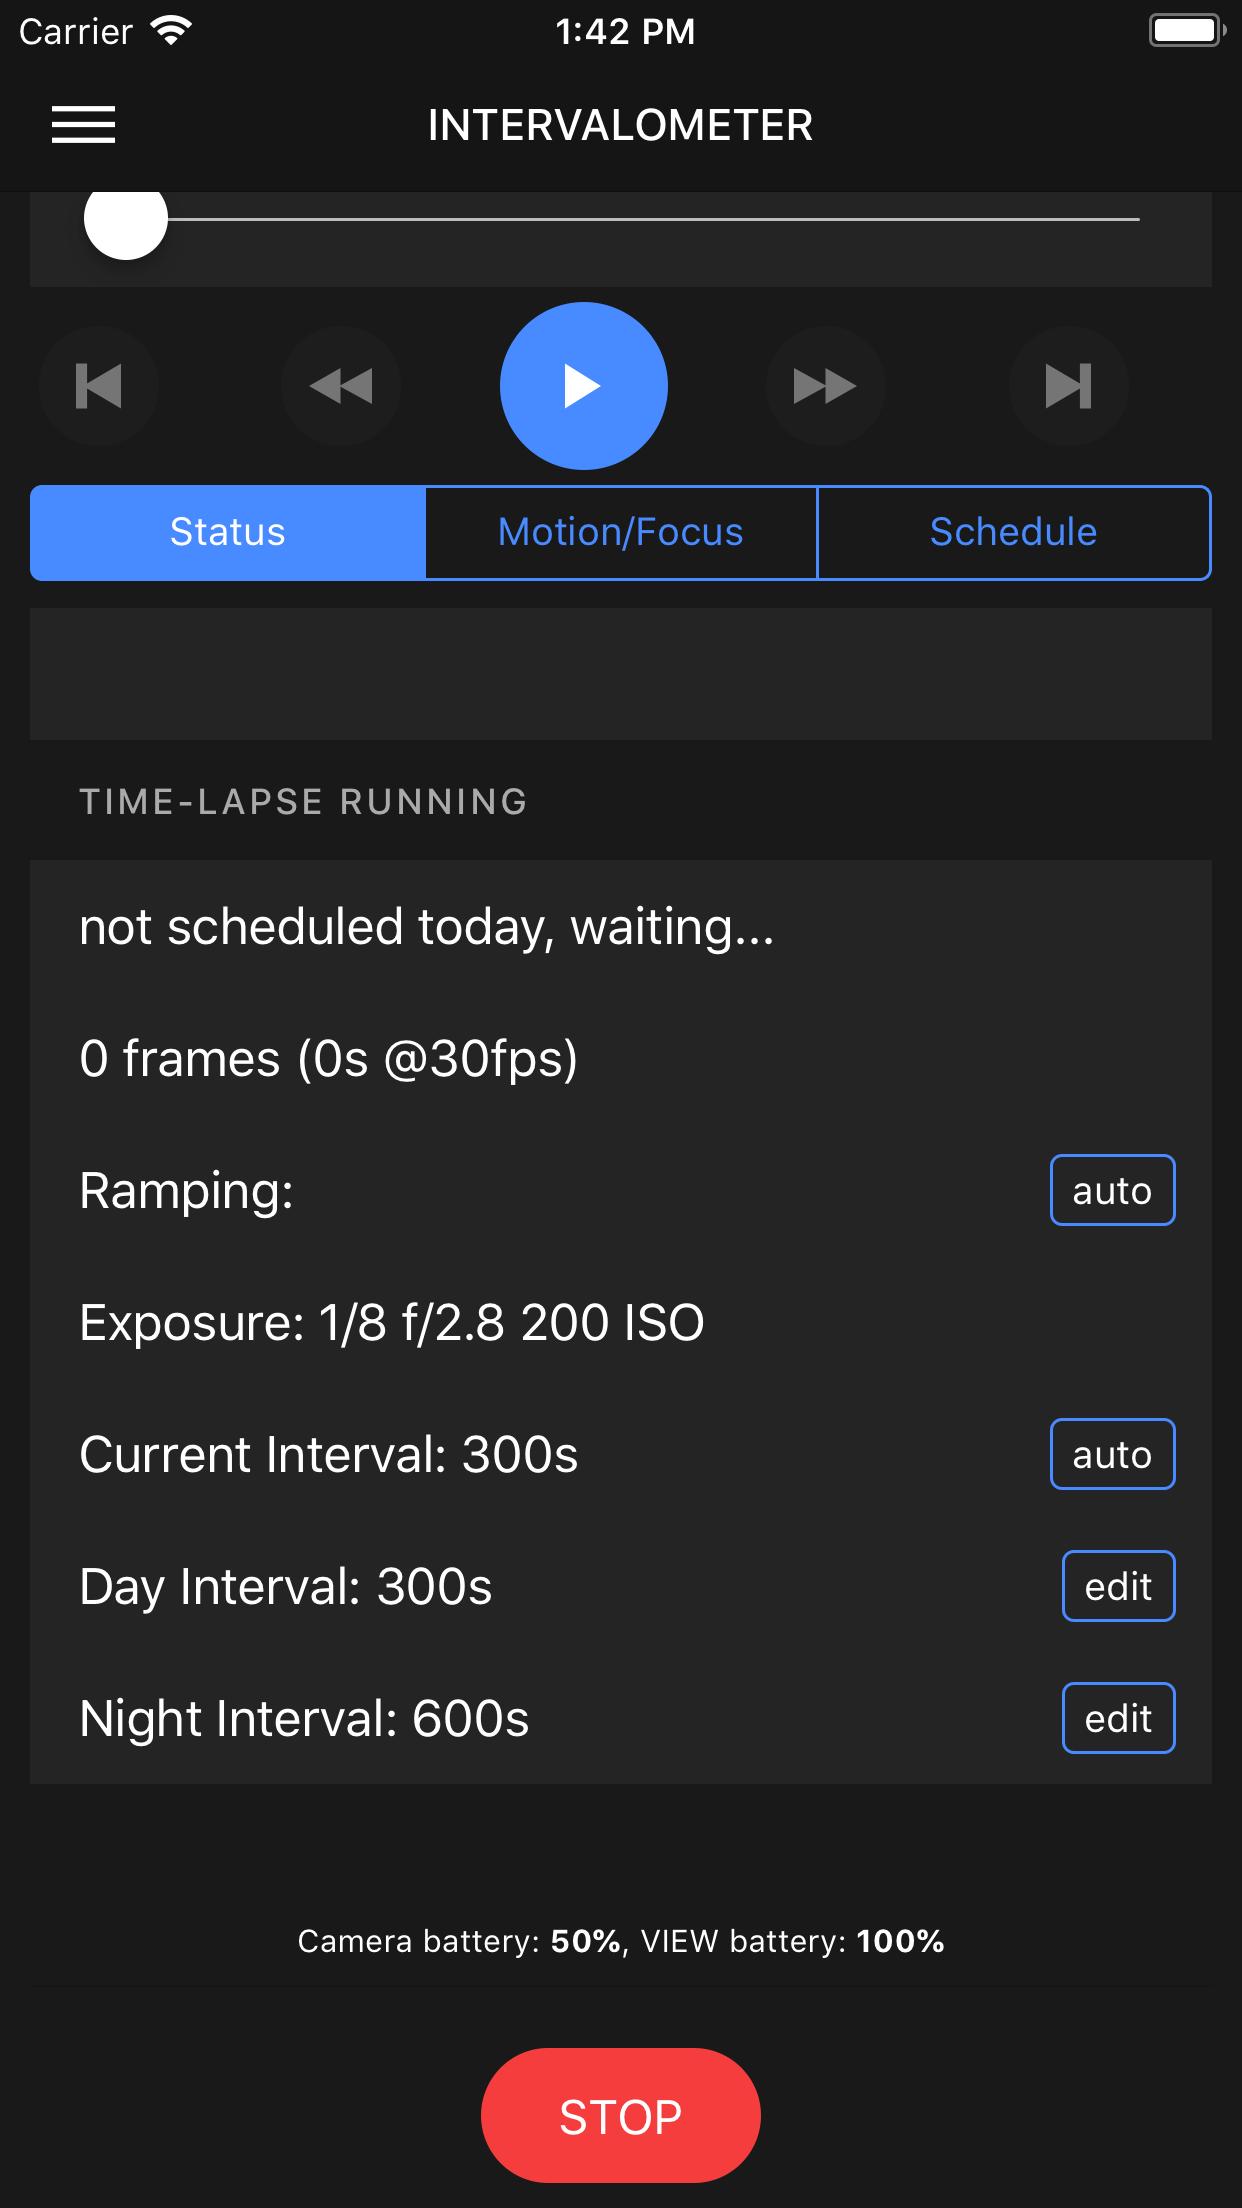 Simulator Screen Shot - iPhone 8 Plus - 2018-08-21 at 13.42.30.png